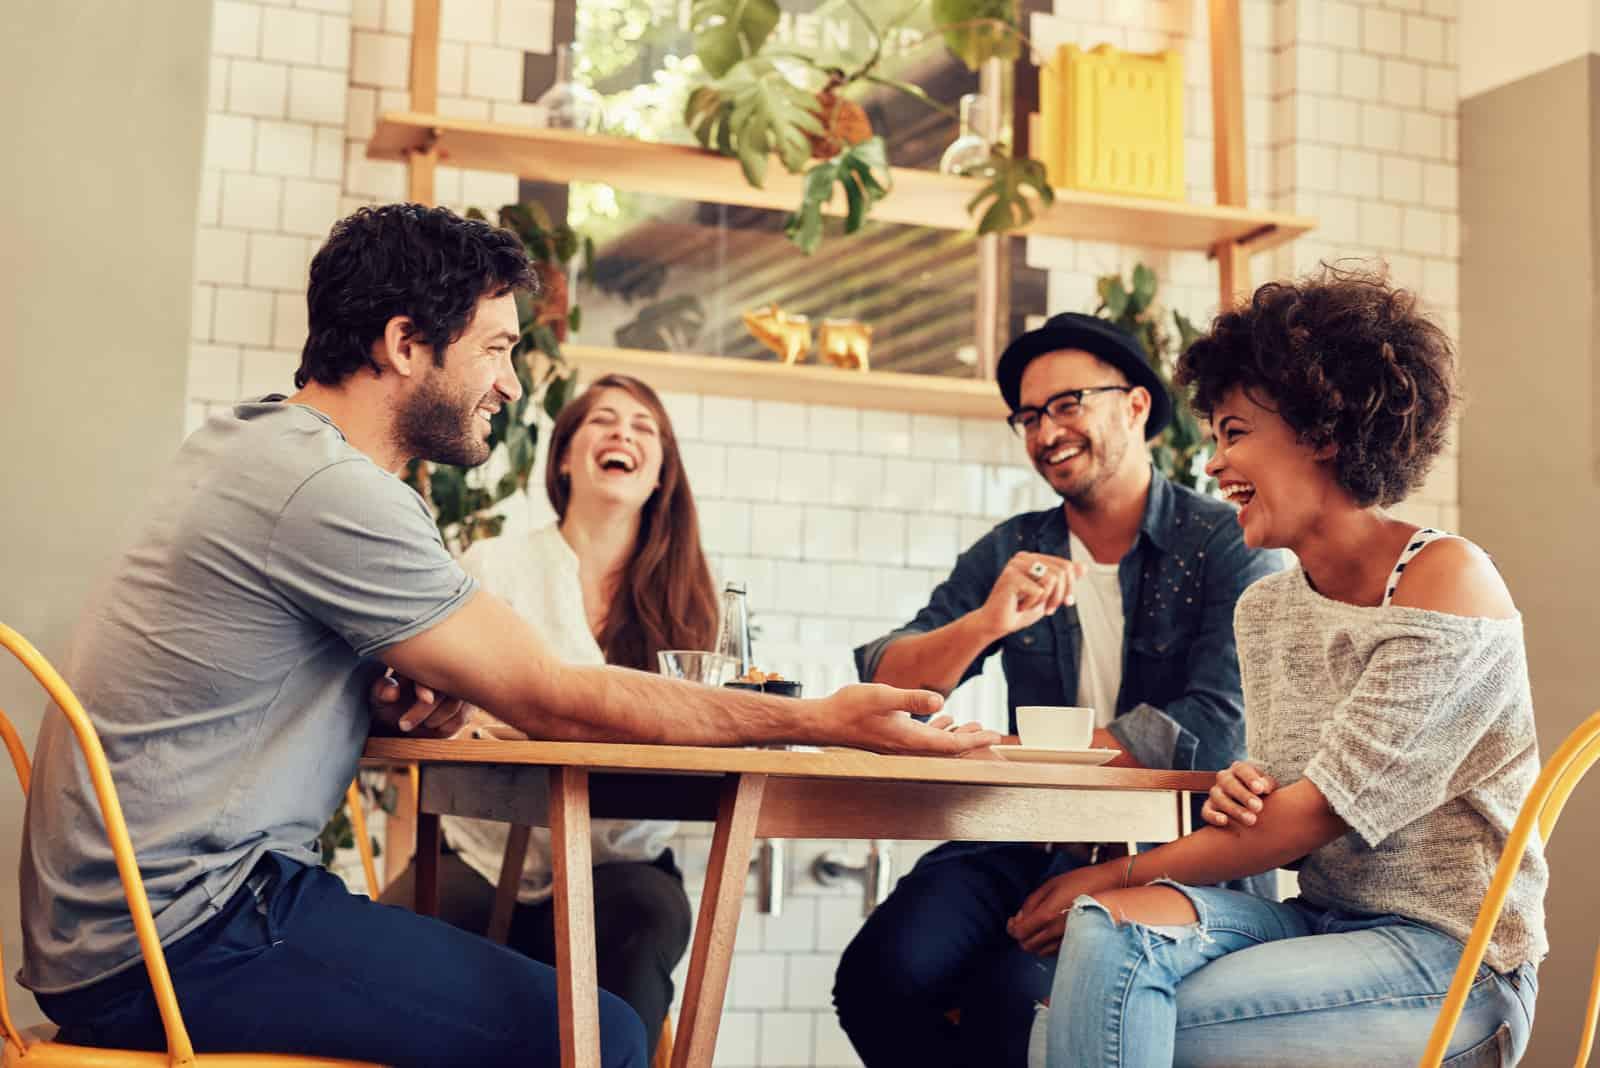 un homme et une femme s'assoient avec des amis et rient